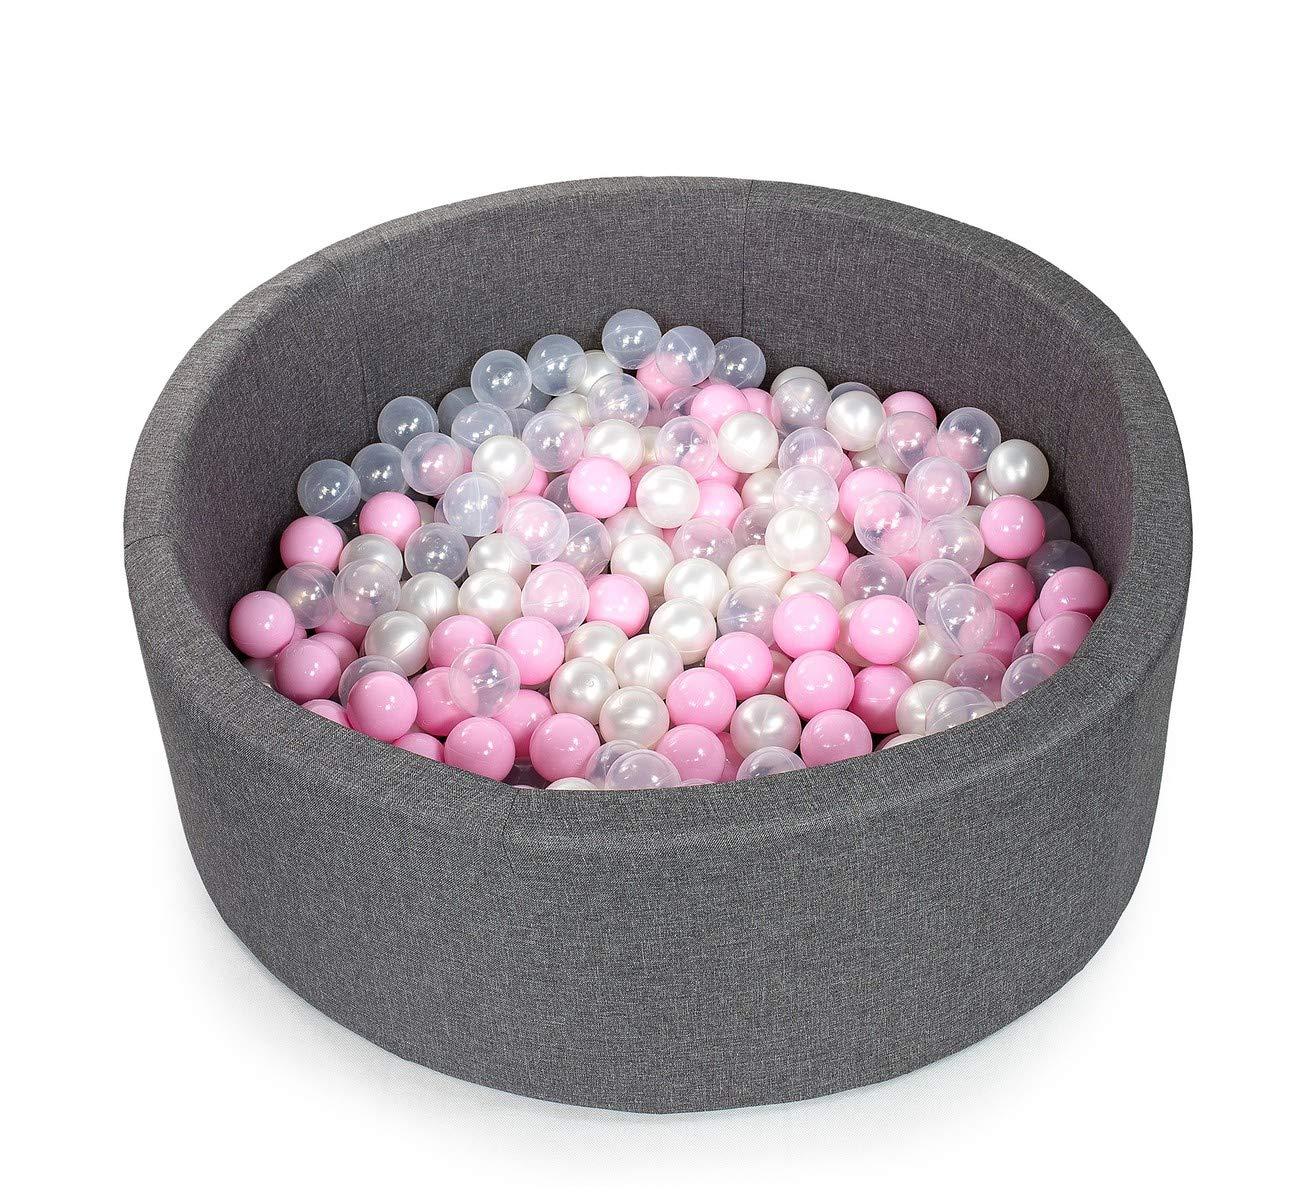 Gris Tweepsy B/éb/é Piscine A Balles pour Enfants Bambin 250 Balles 90x30cm Rond Fabriqu/é en EU BKOZN3N Piscine Gris Clair: Blanc